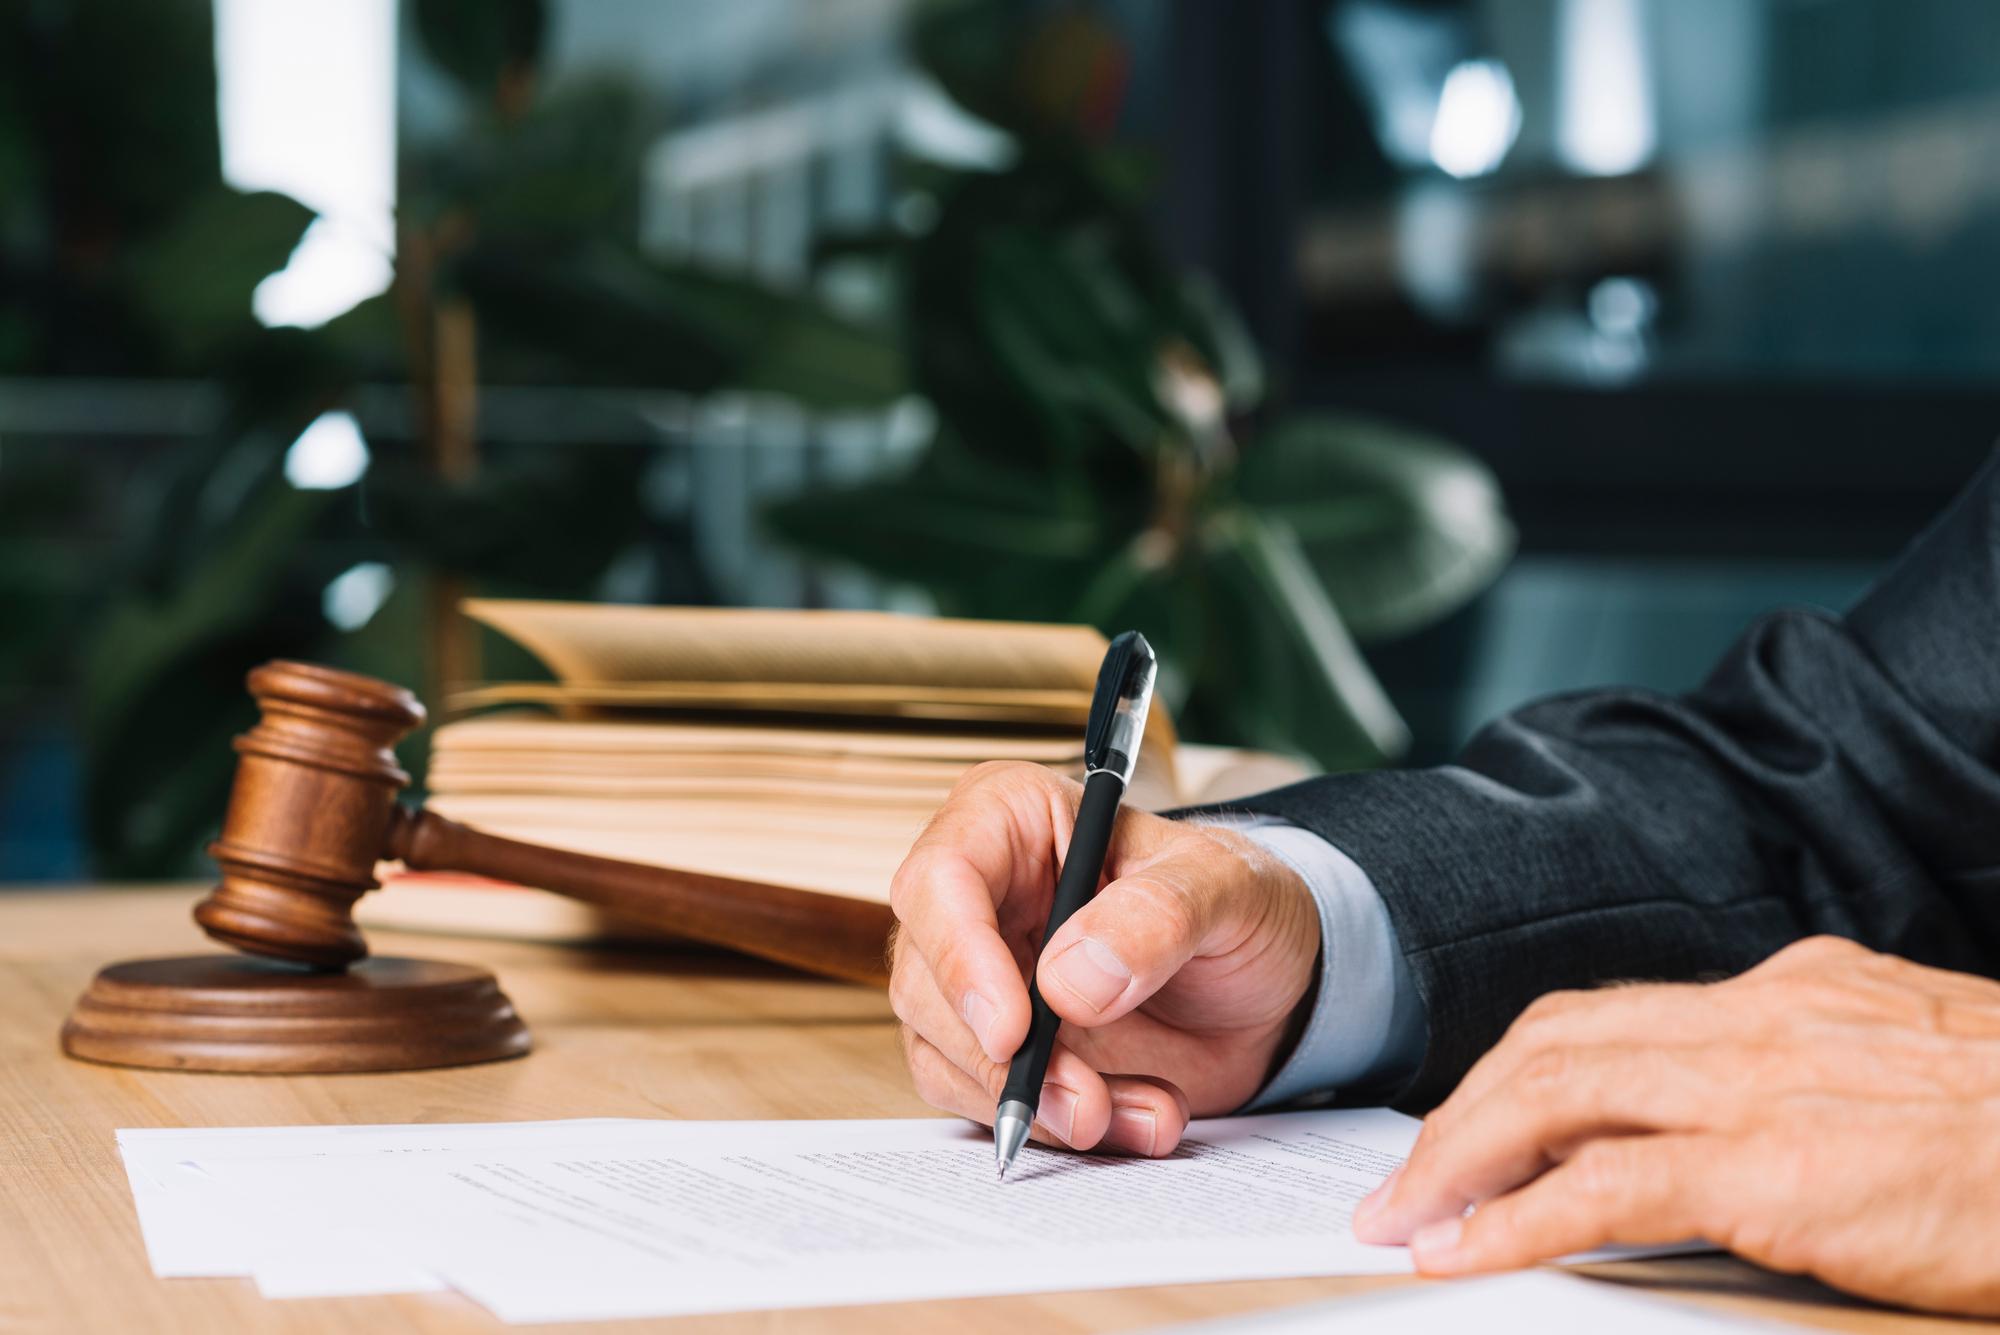 """Tribunale di Bologna ordina il reintegro di una lavoratrice. Era stata licenziata per aver detto """"Anche a me piacerebbe non fare niente"""""""